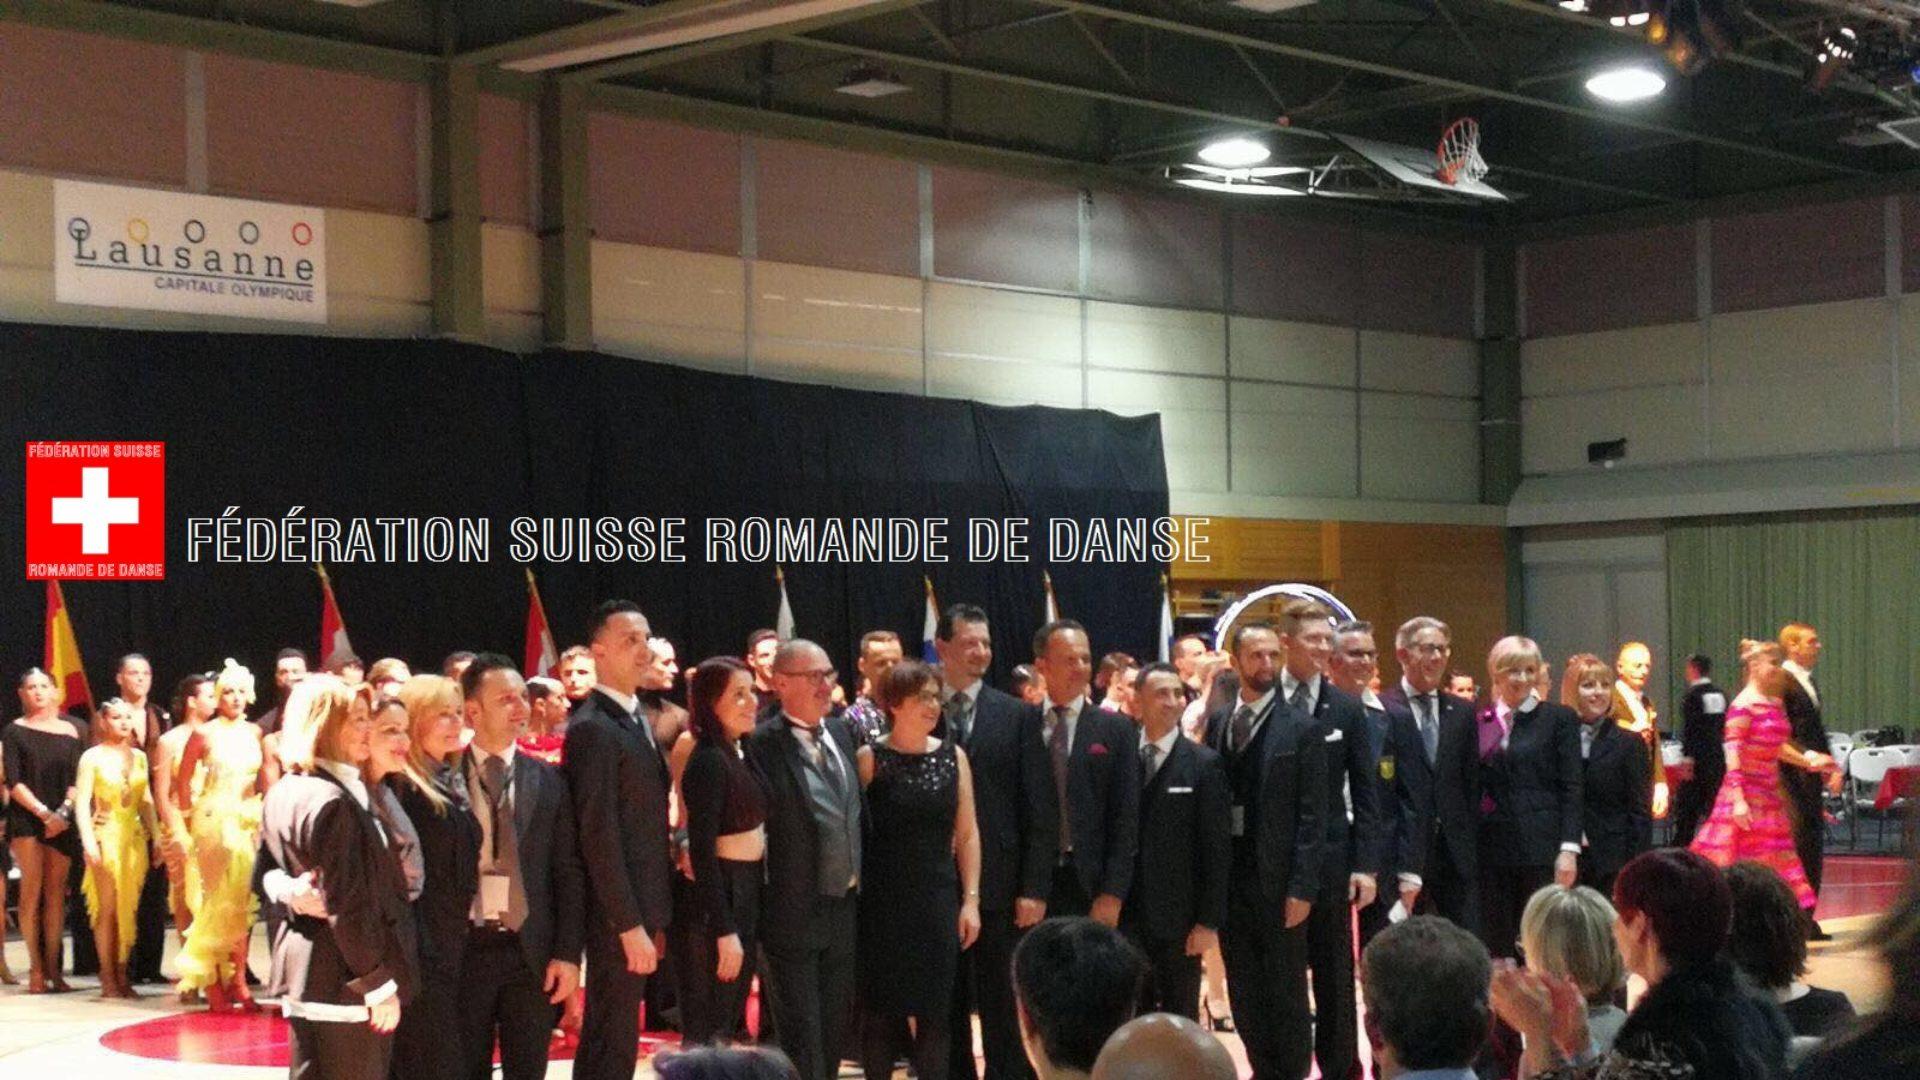 Fédération Suisse Romande de Danse